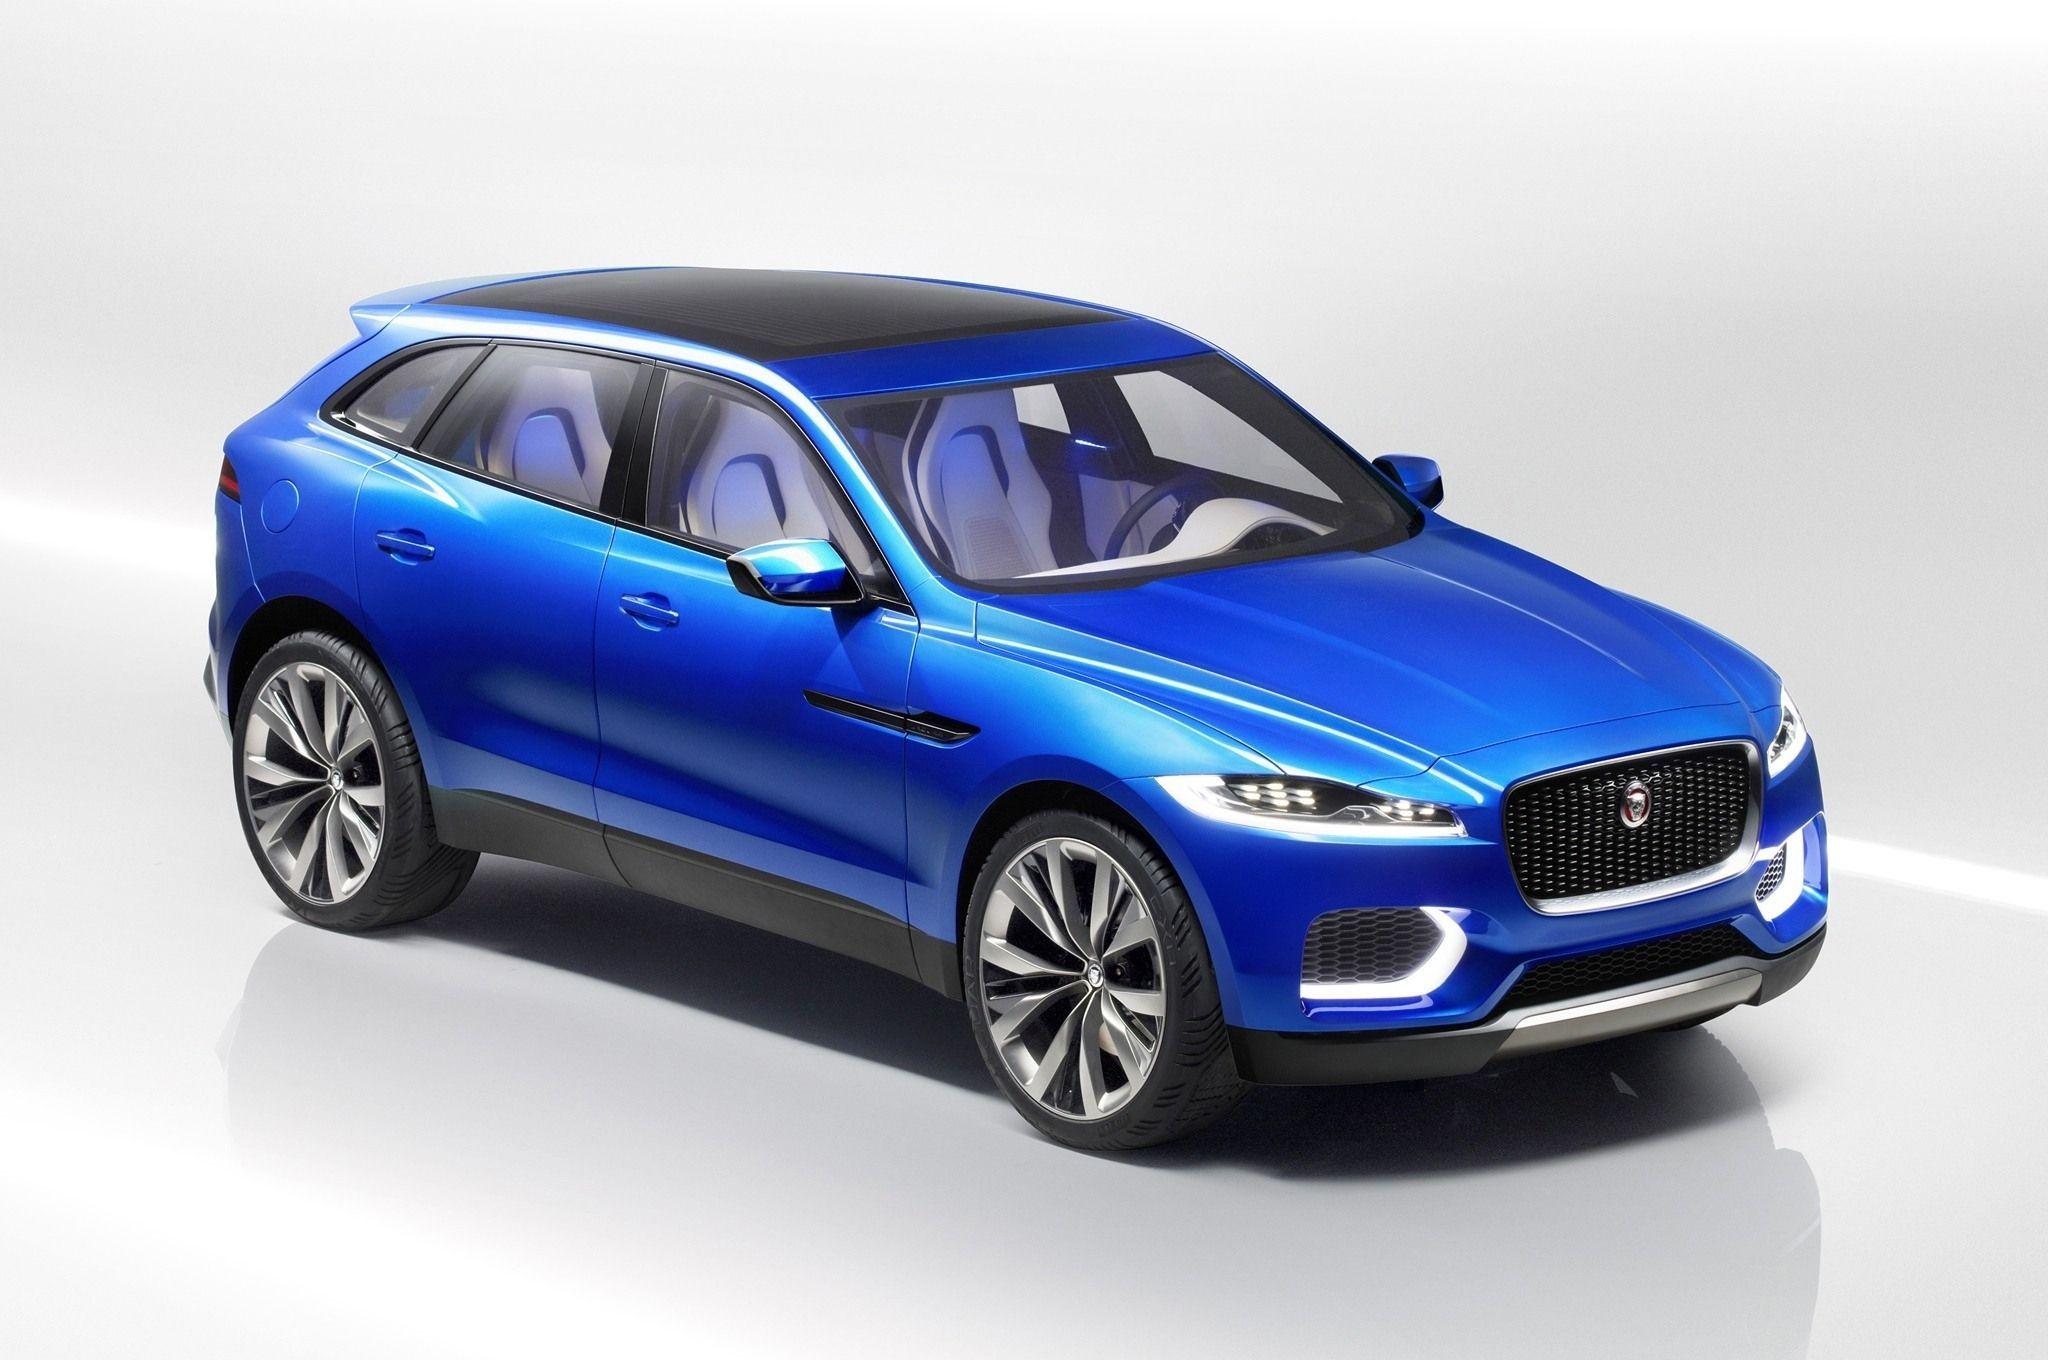 2020 Jaguar C X17 Crossover Price